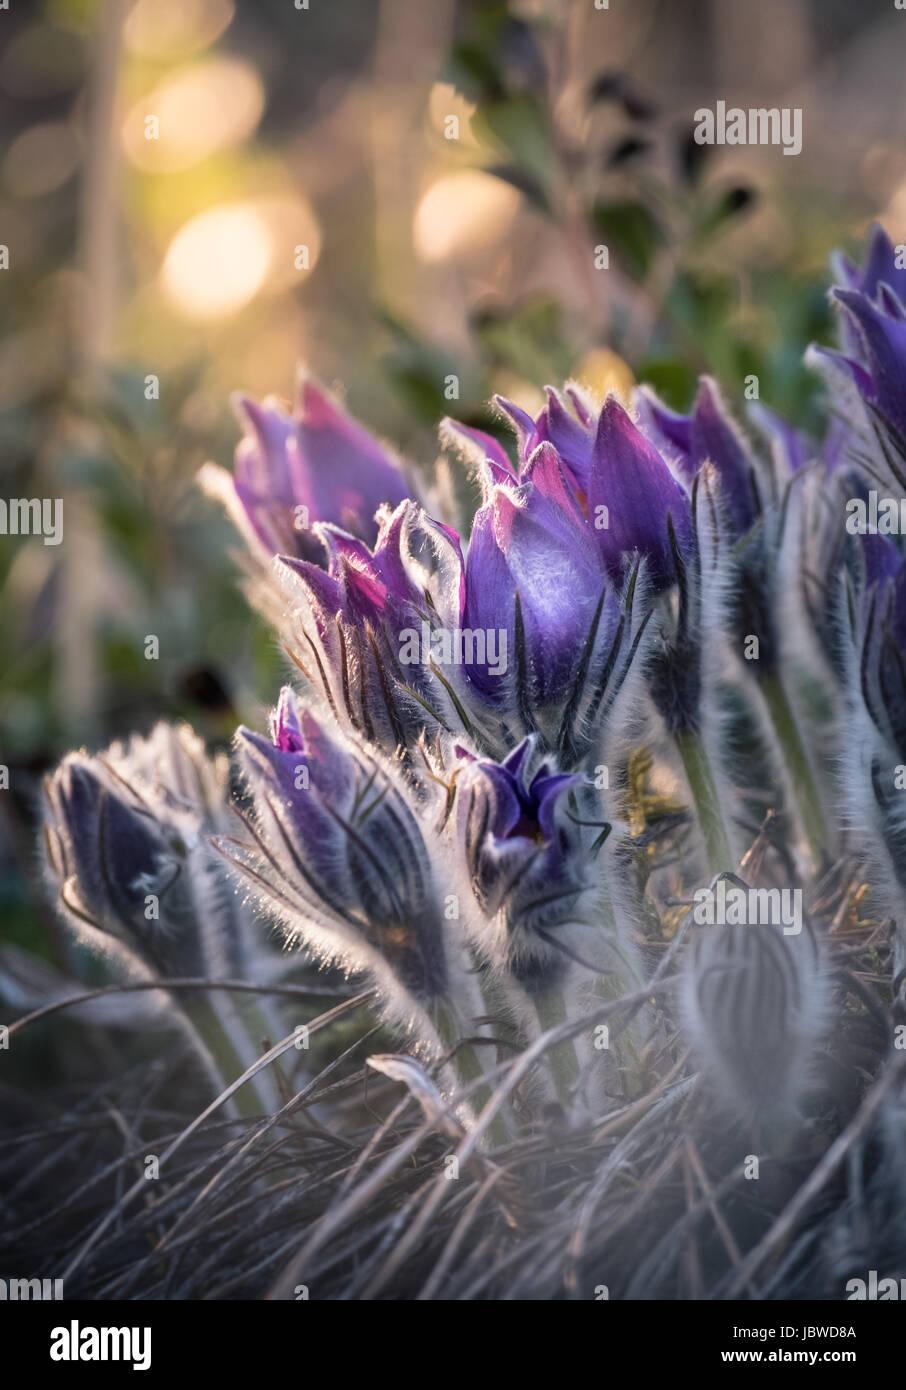 Muy raras pulsatilla patens flor en la luz del atardecer. Imagen De Stock